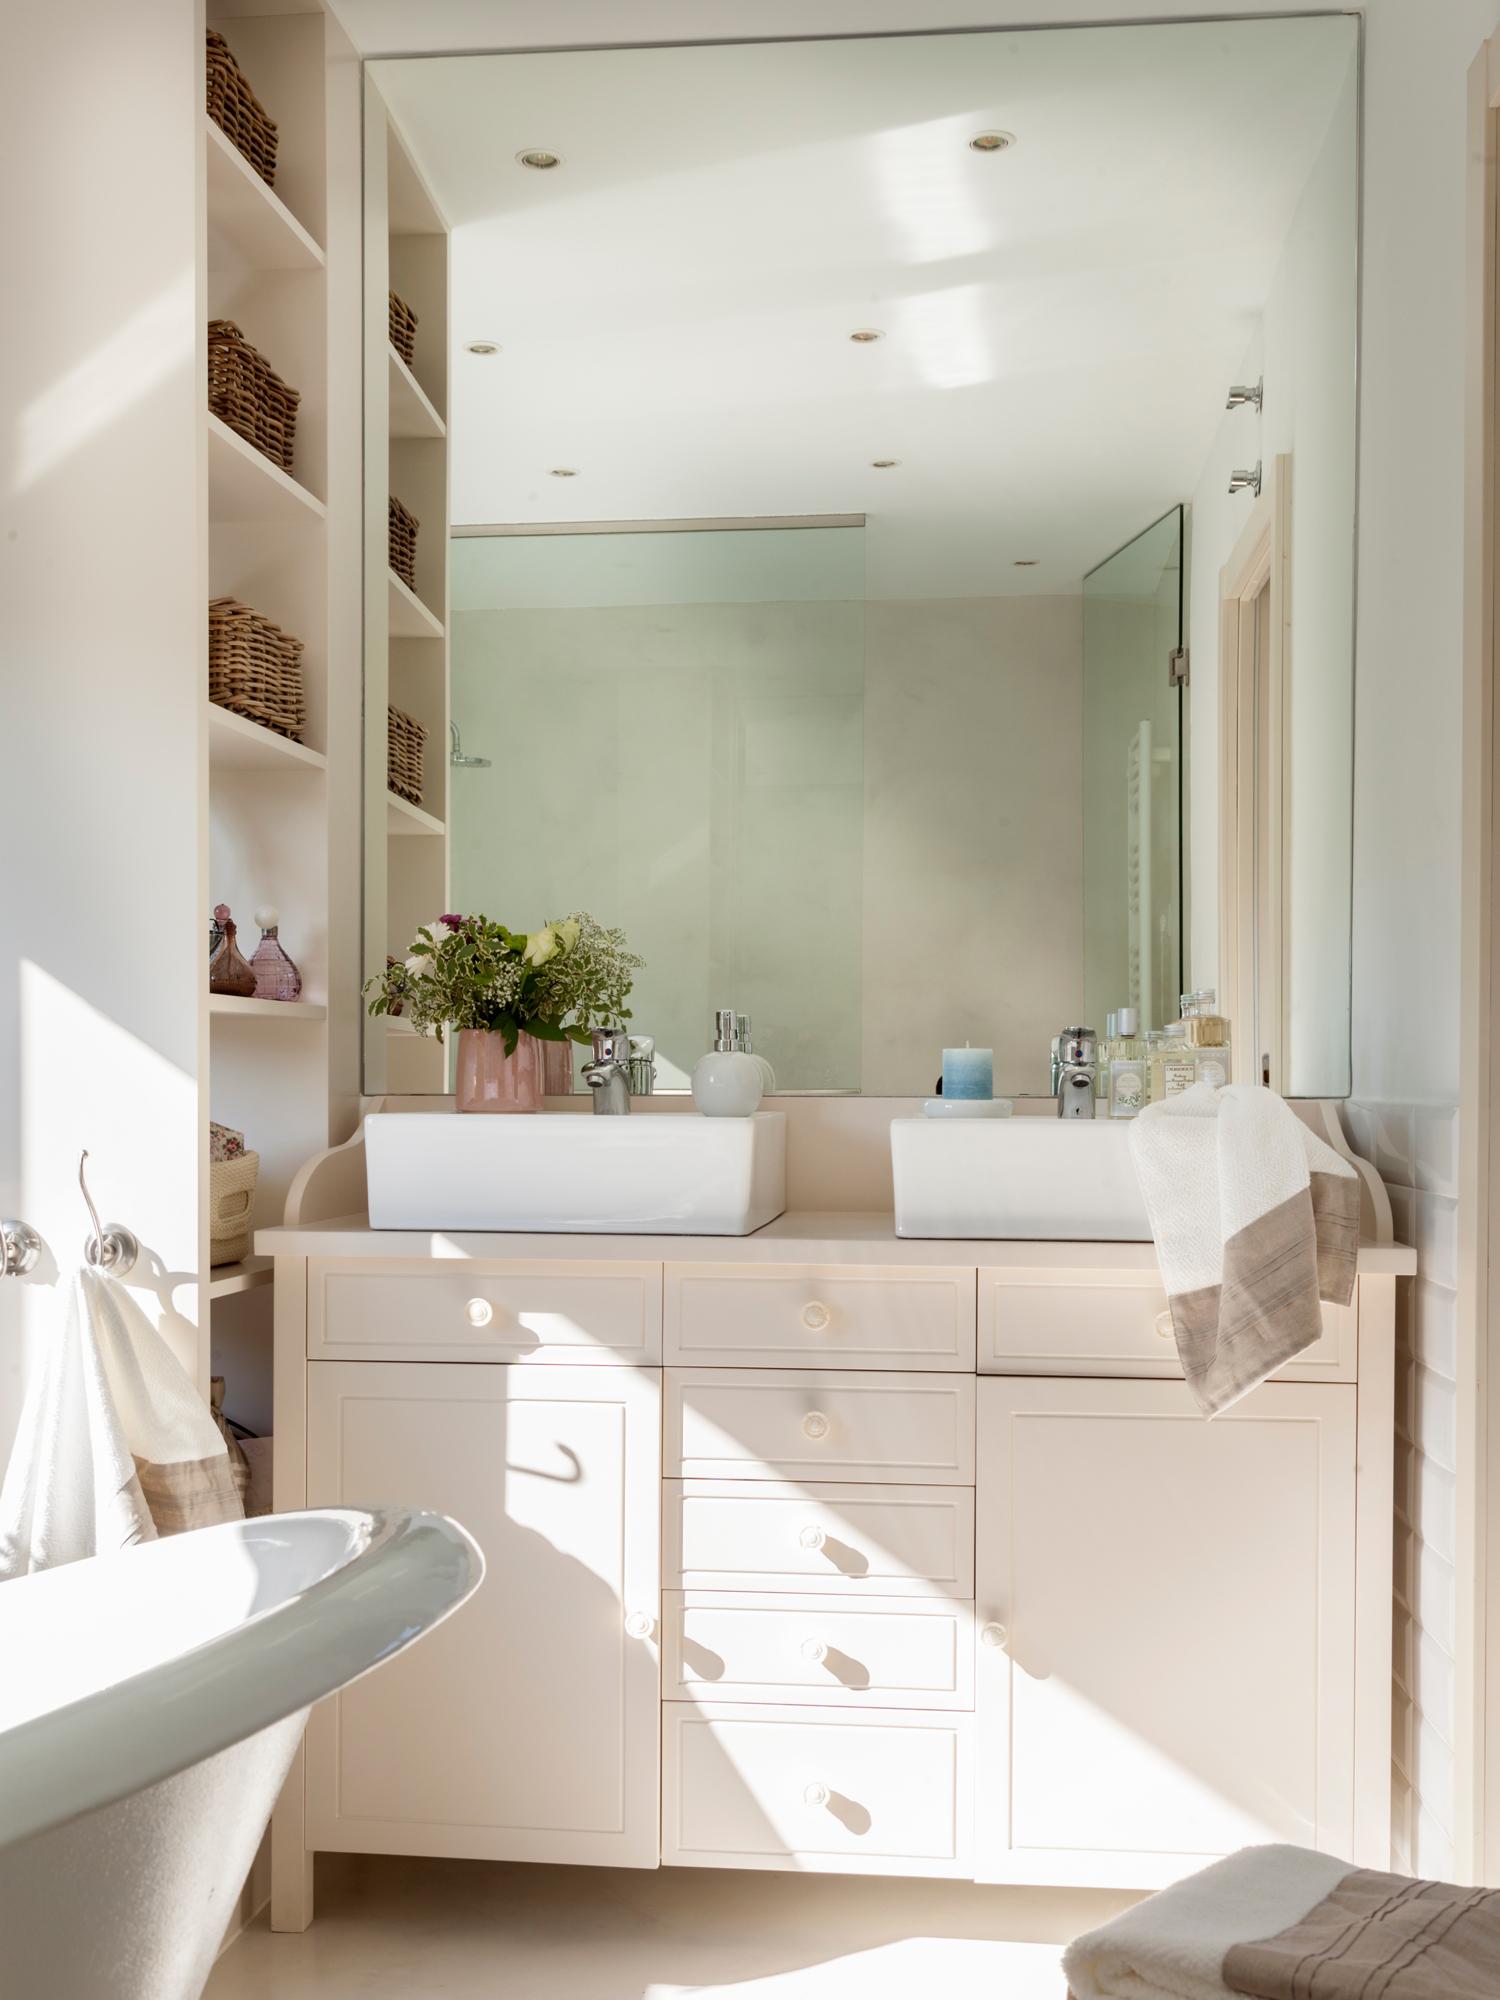 Muebles perfectos para ba os peque os Repisas de bano homecenter